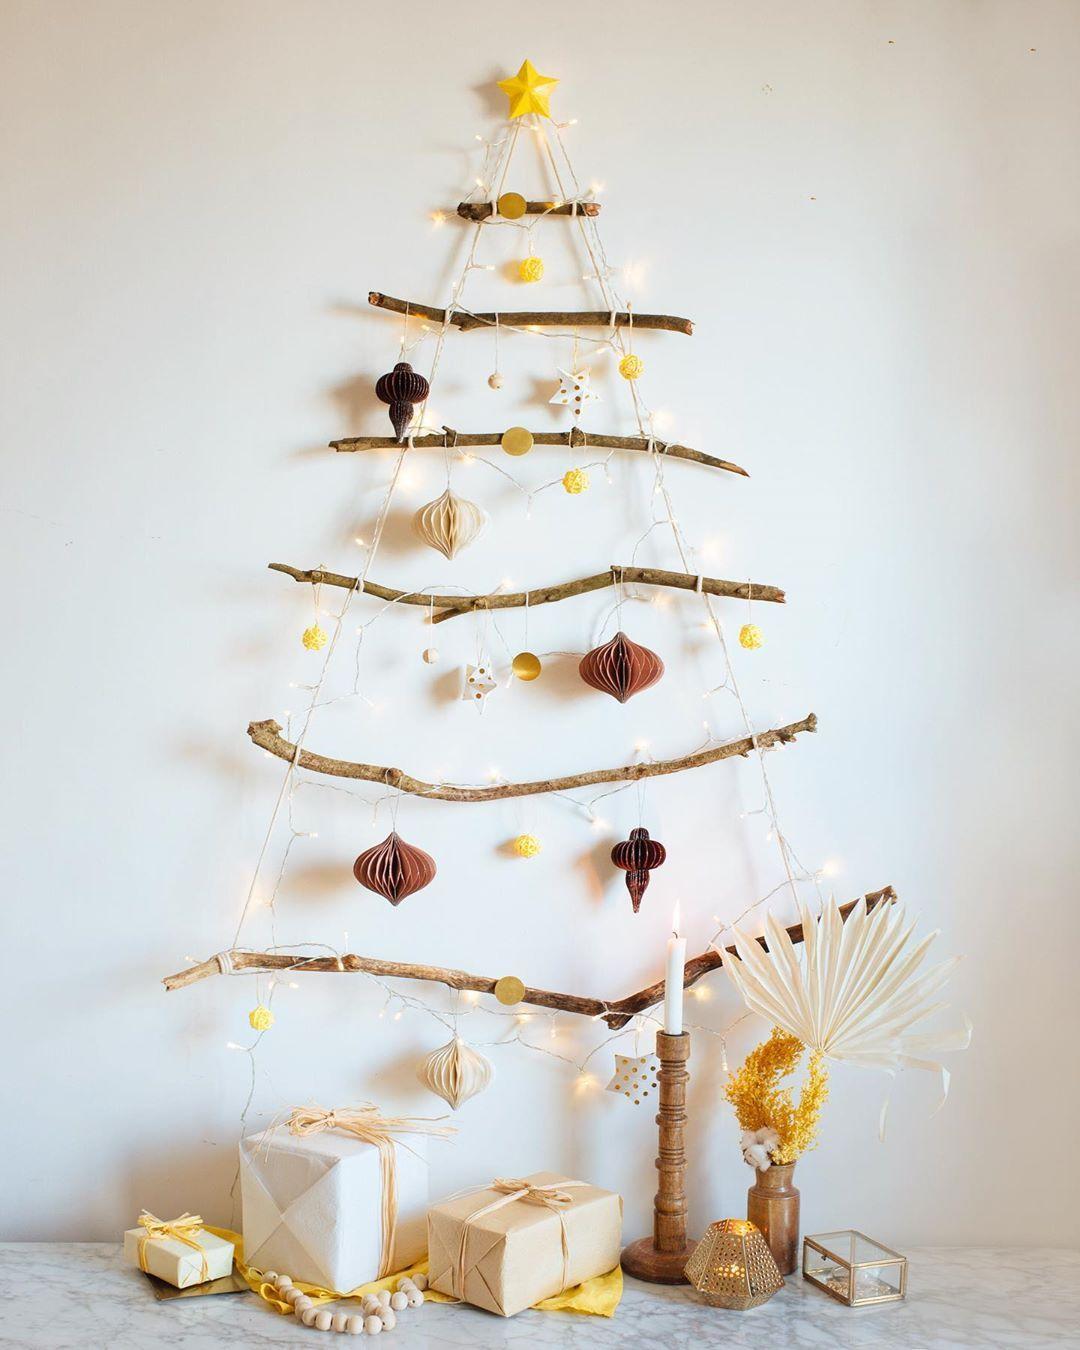 Las mejores ideas DIY para decorar tu casa en Navidad